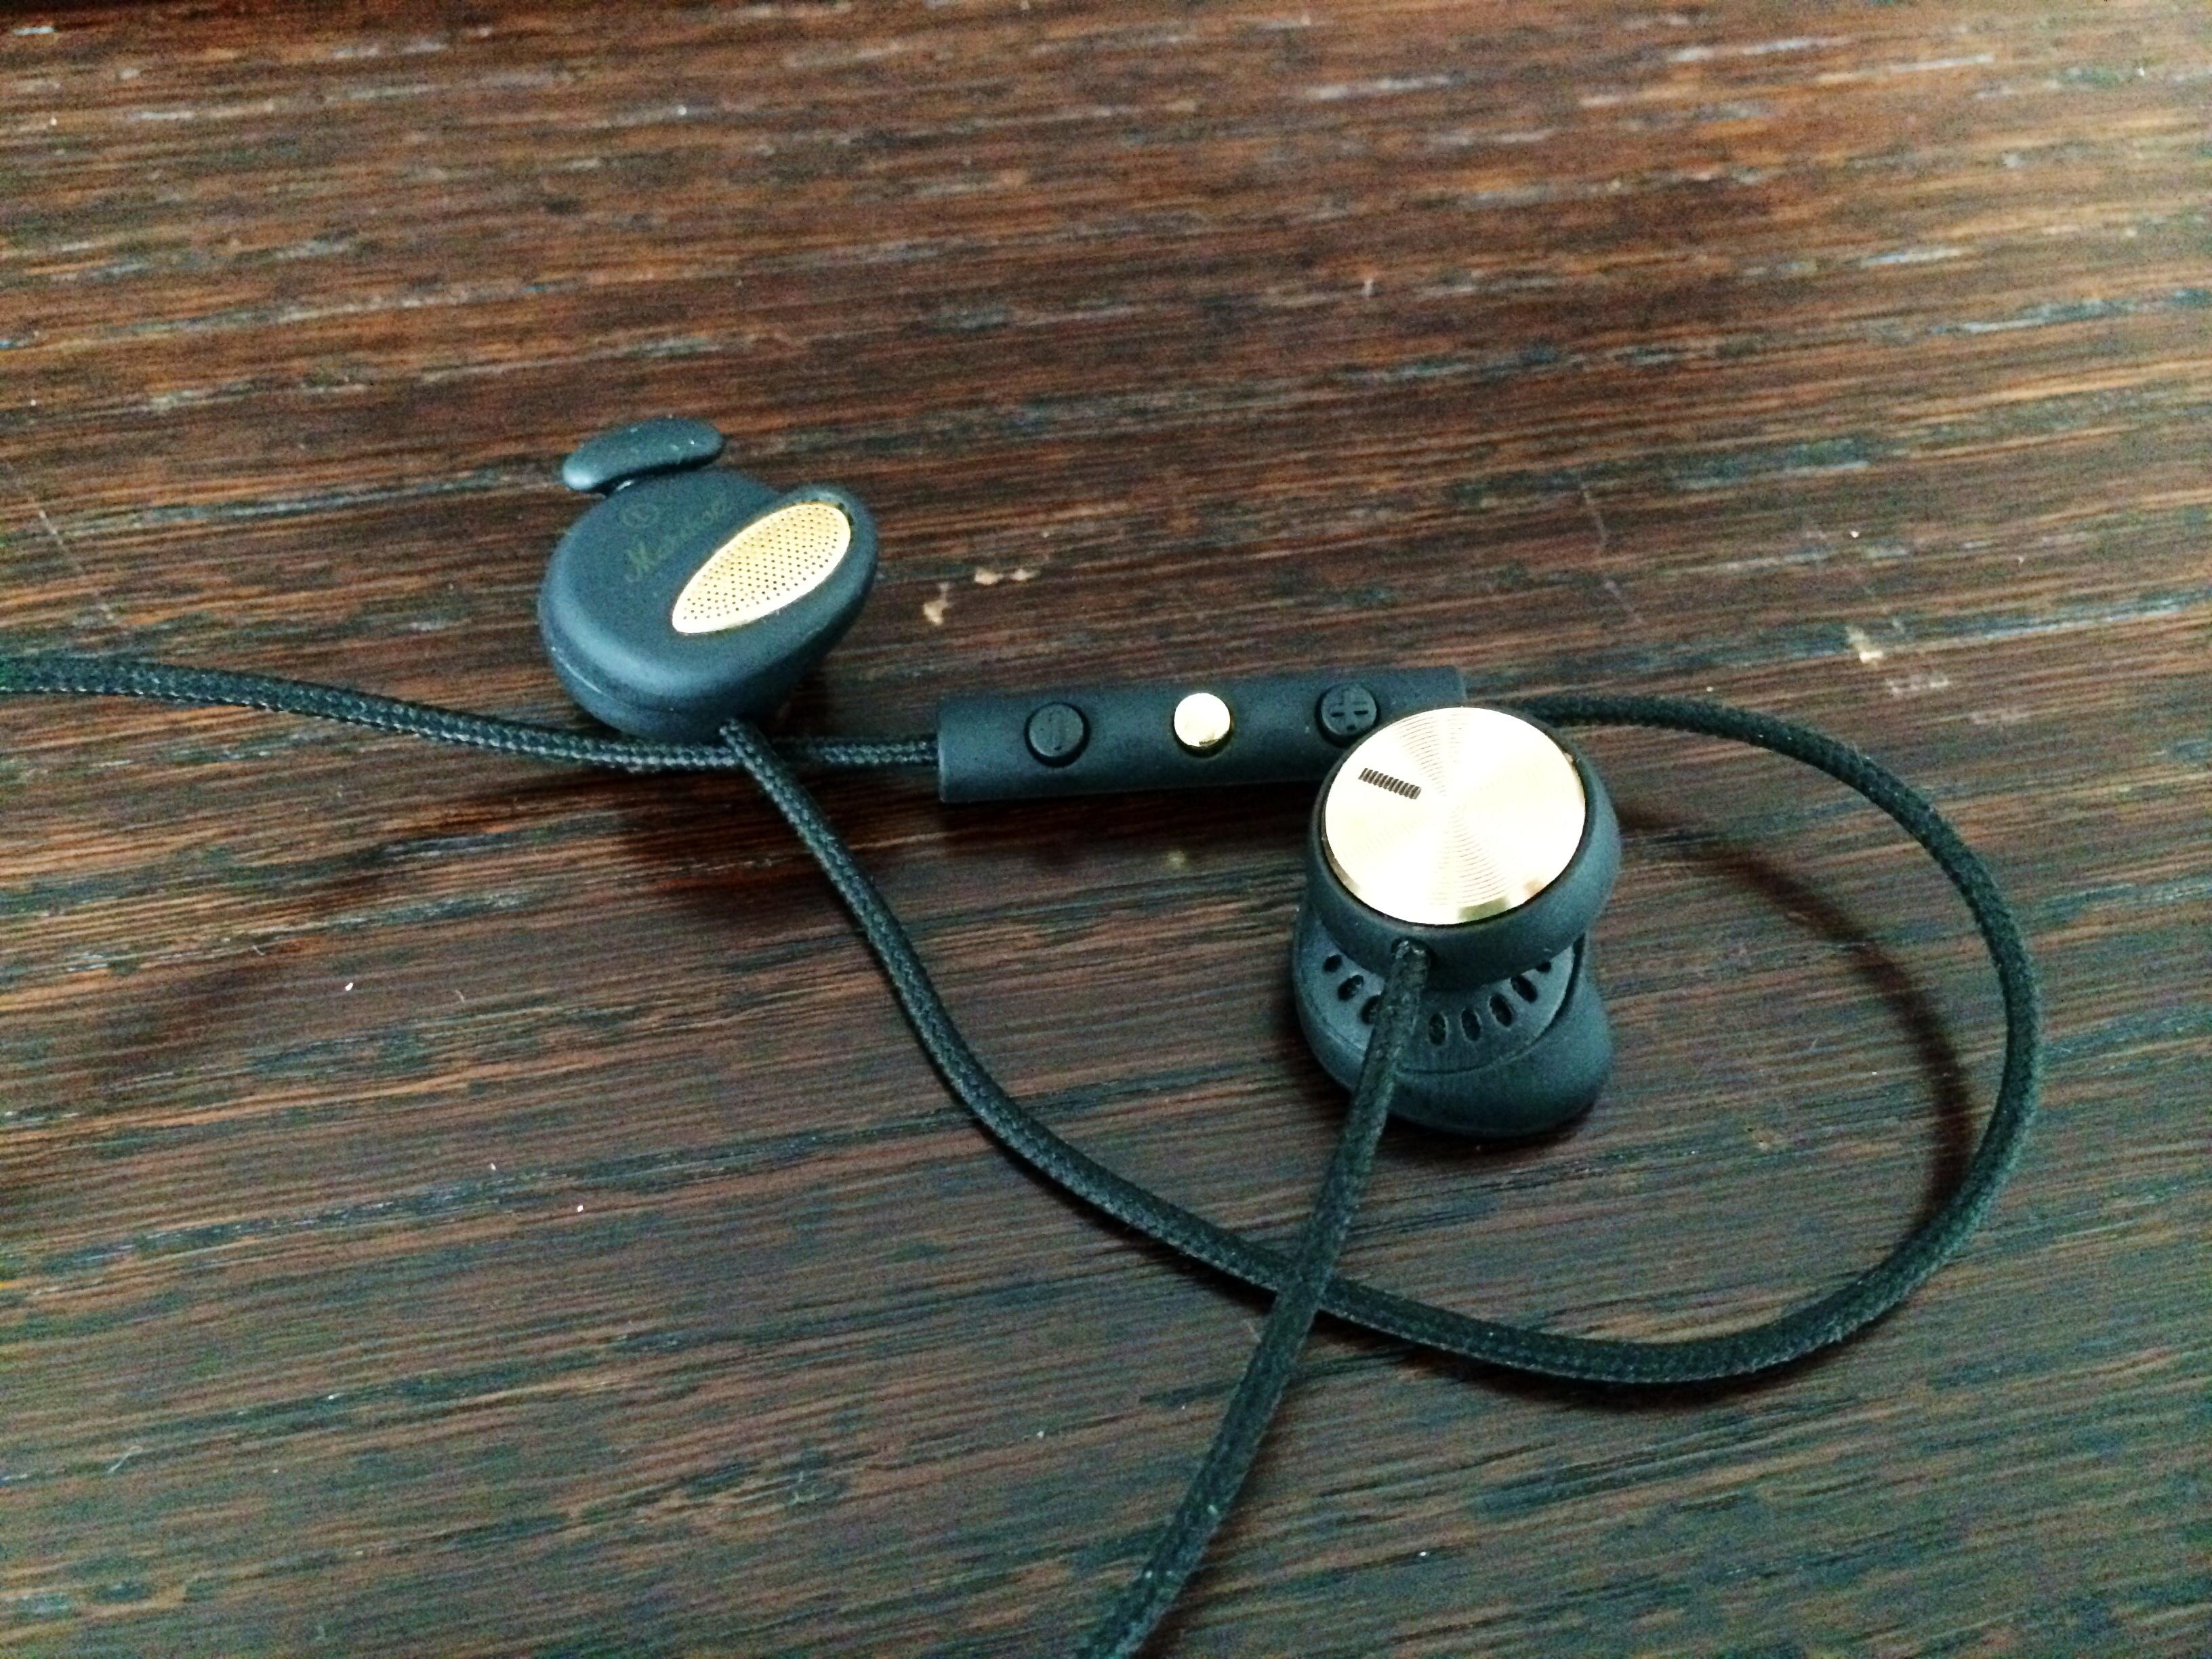 Gadget-Test: Marshall Minor FX In-Ear Kopfhörer mit Fernbedienung